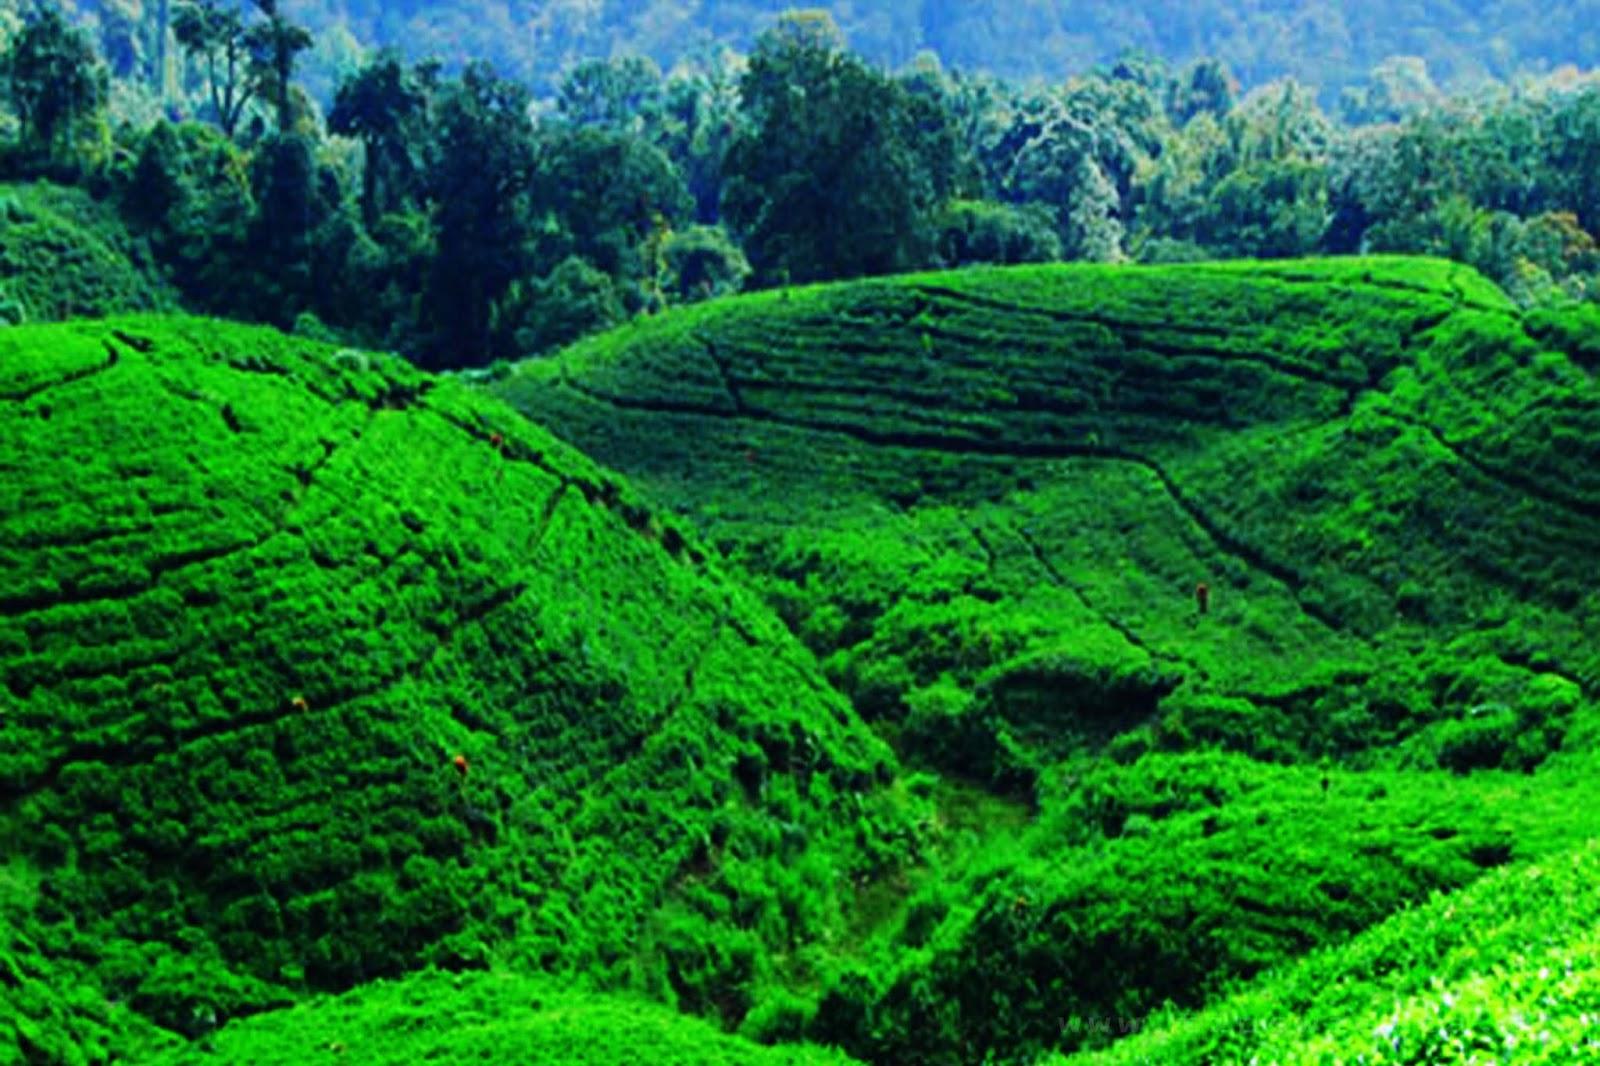 Gambar Kebun Teh Jamus Ngawi Wisata Jamus Ngawi Tempat Wisata Indonesia